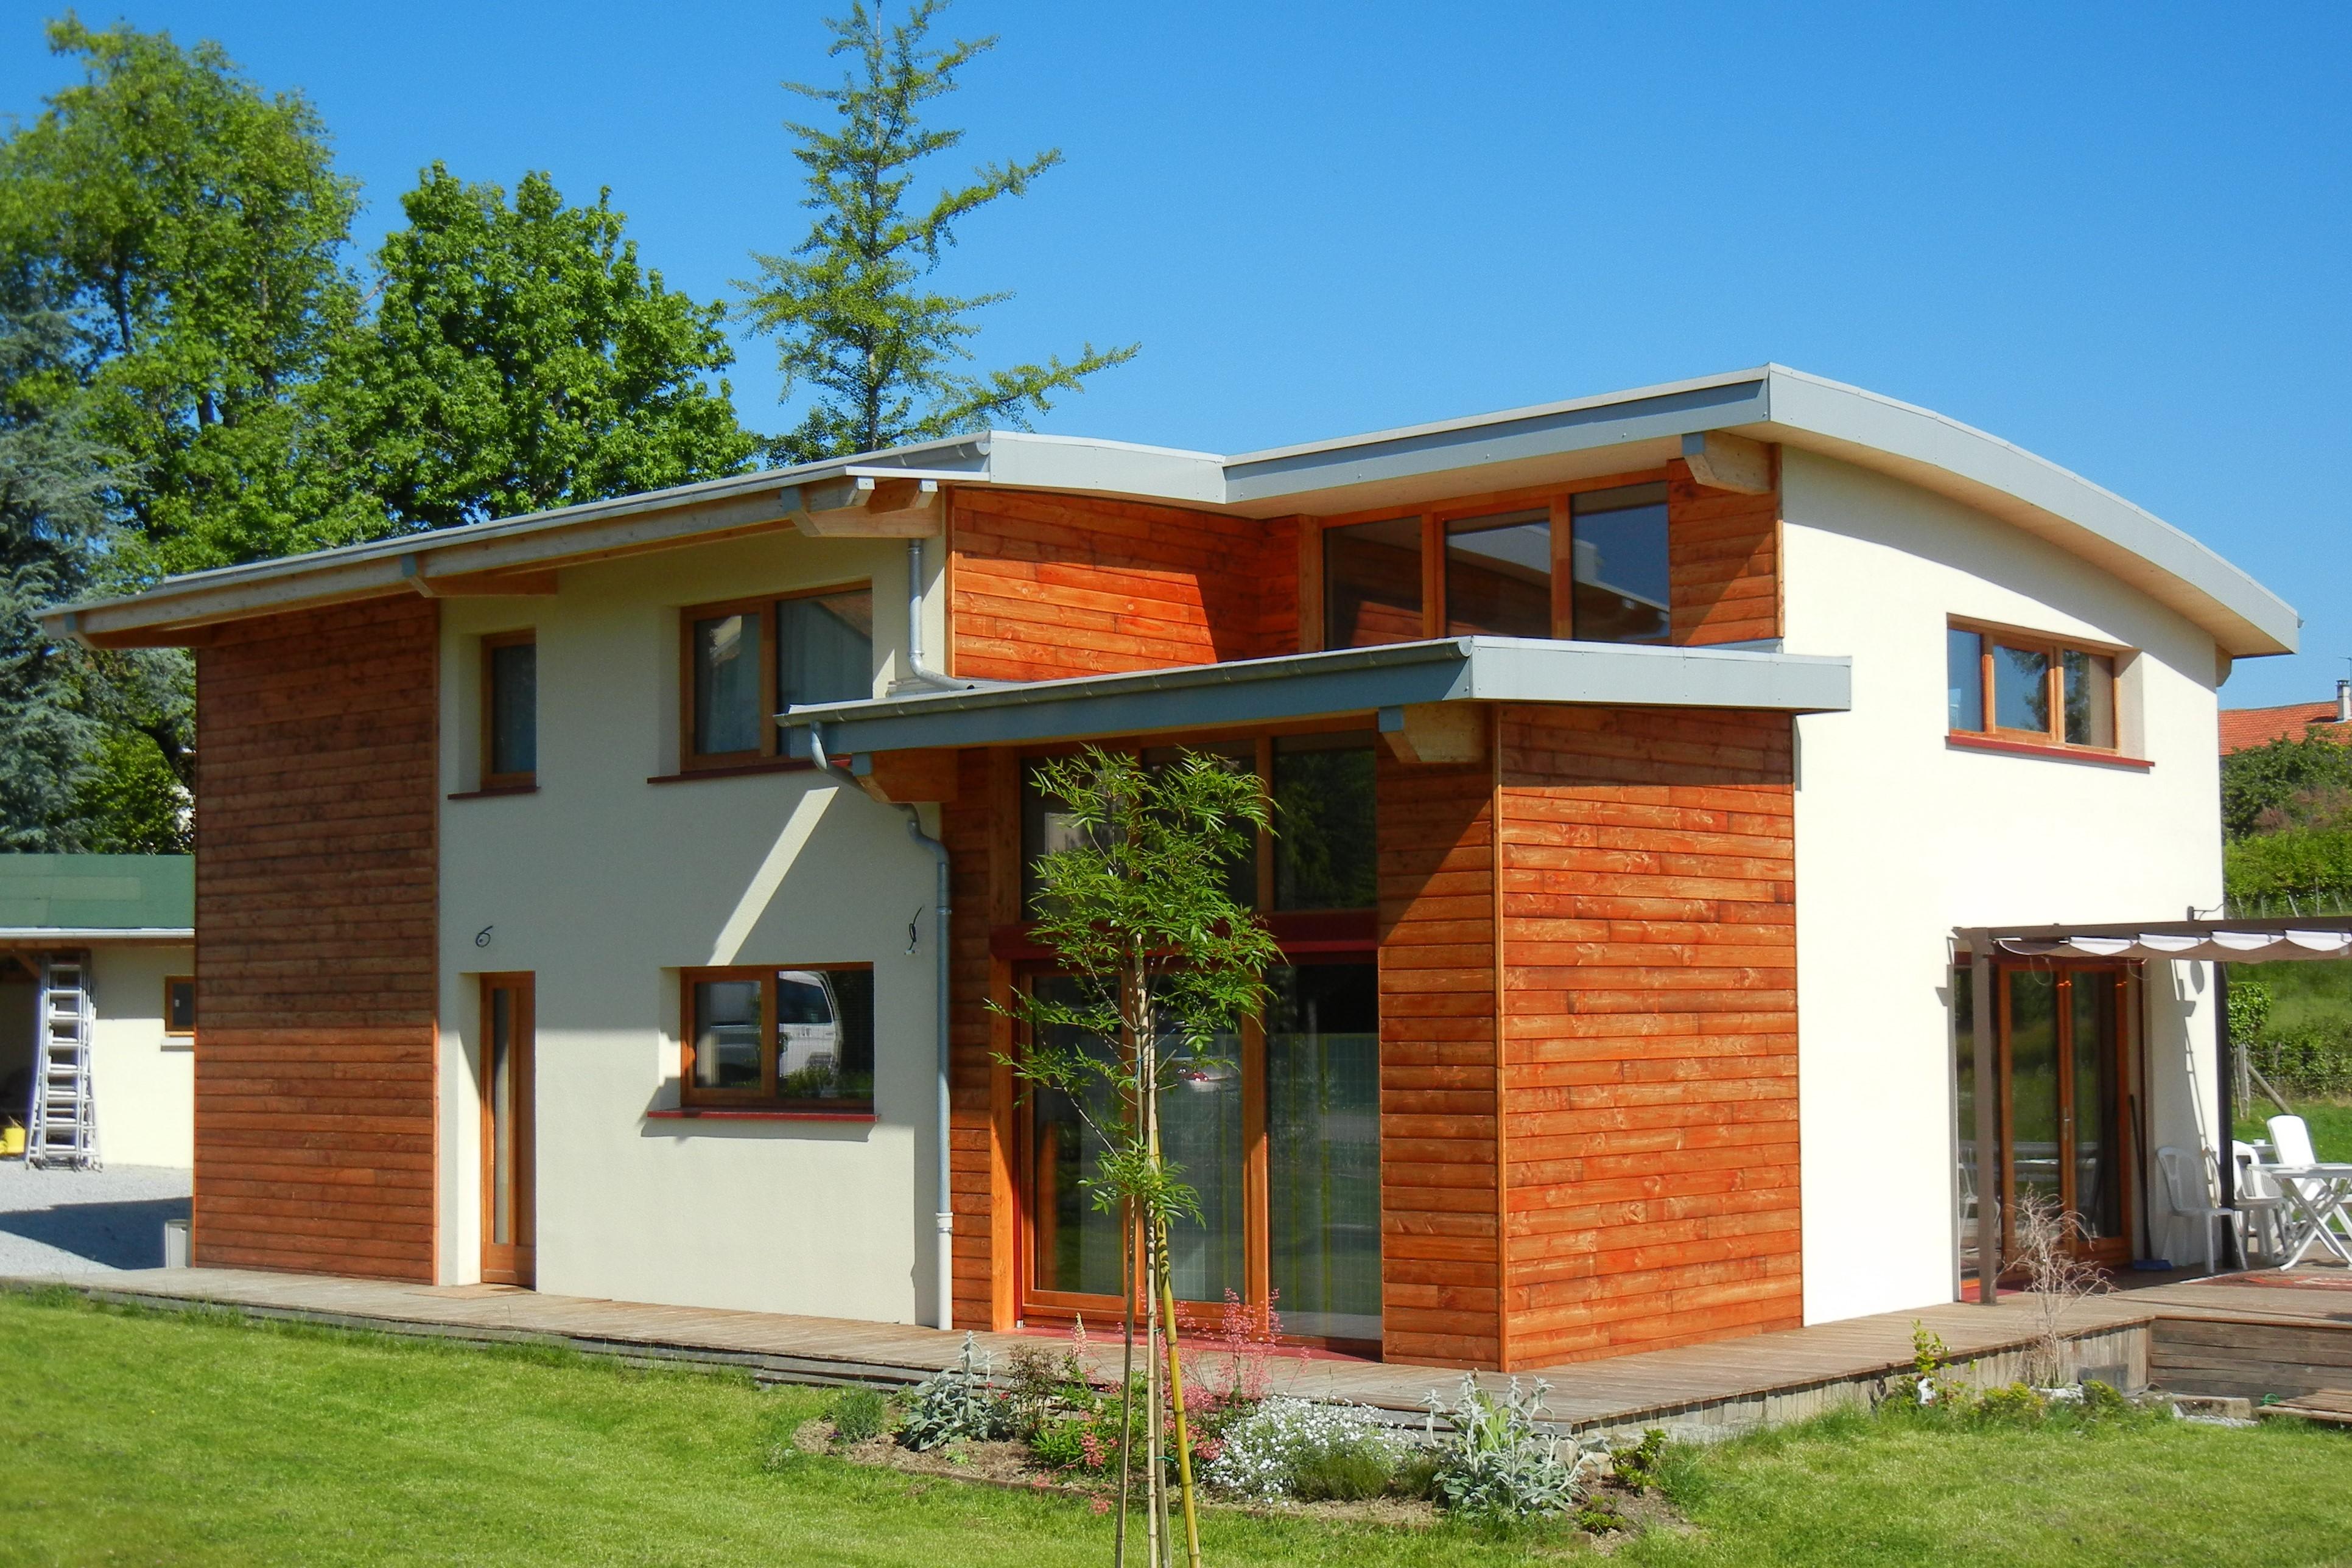 Maison passive de 174 m²